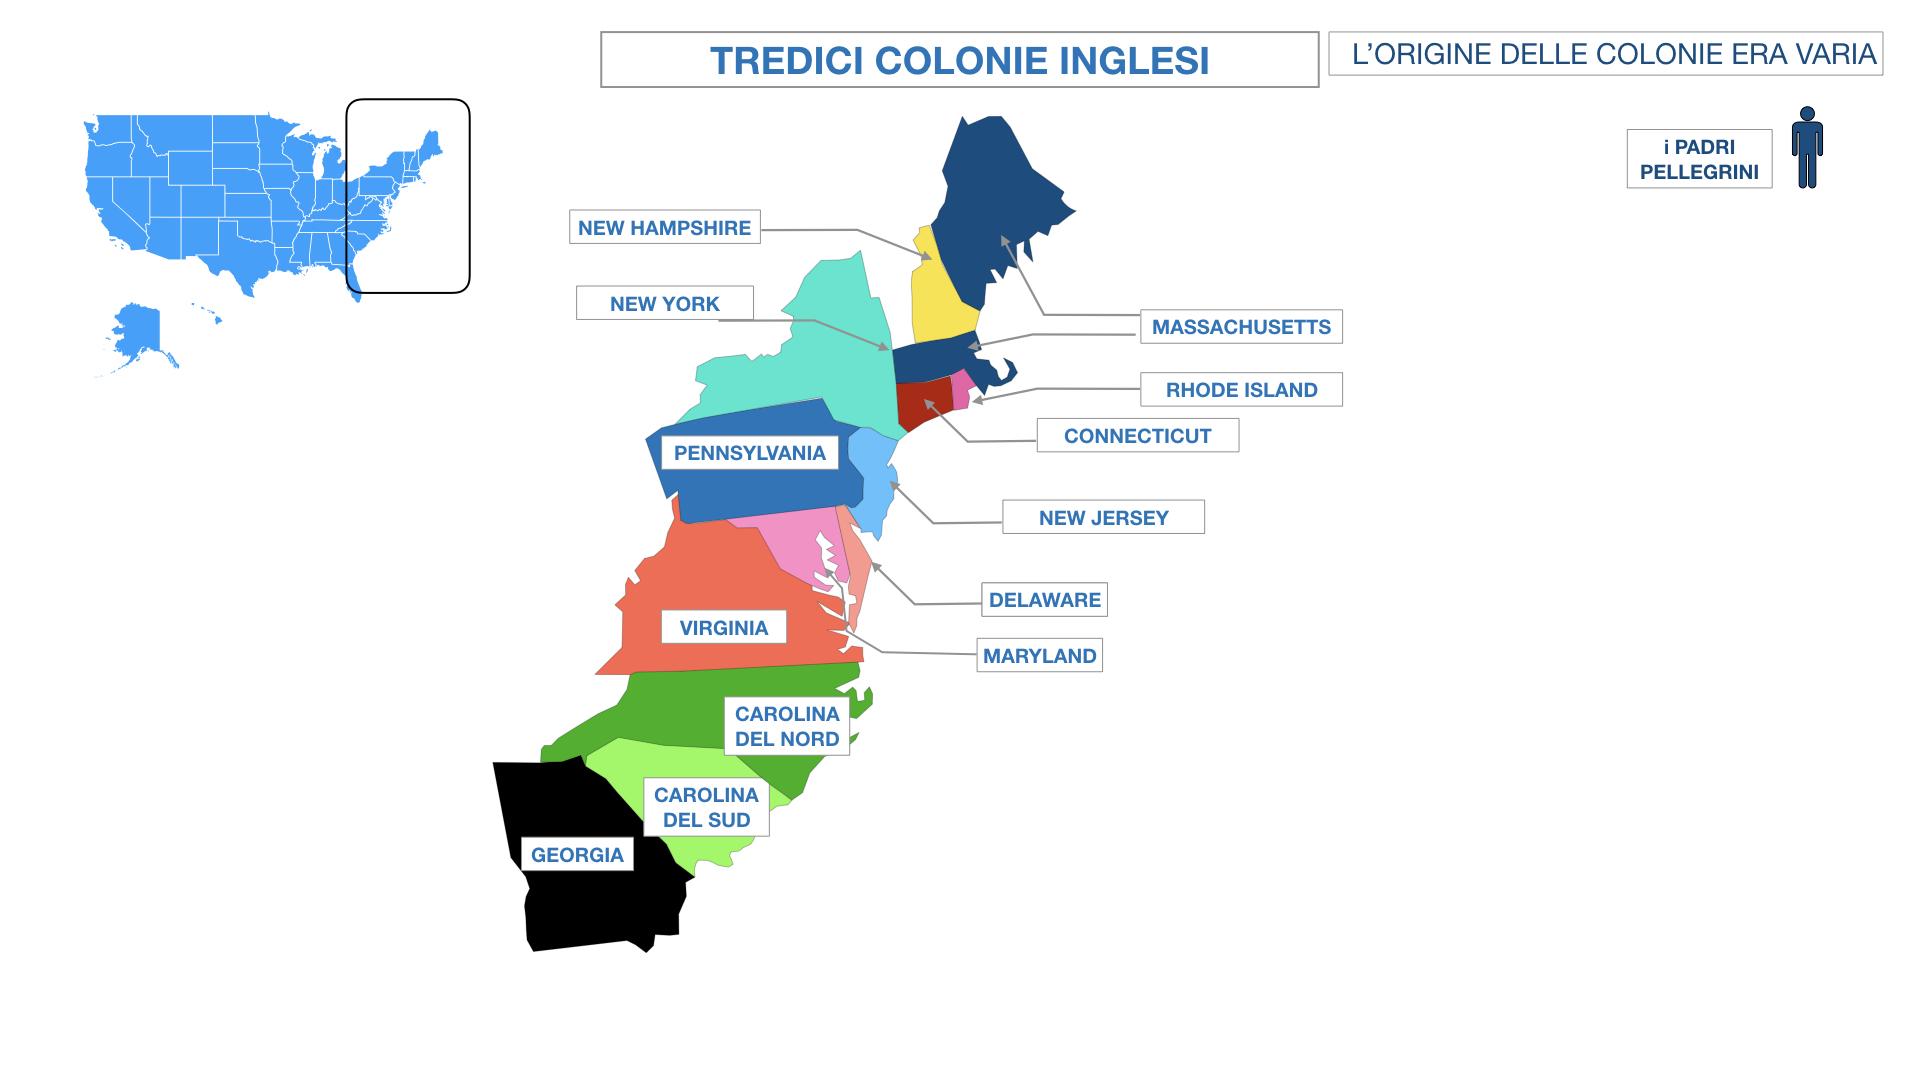 AMERICA LE TREDICI COLONIE INGLESI SIMULAZIONE.038